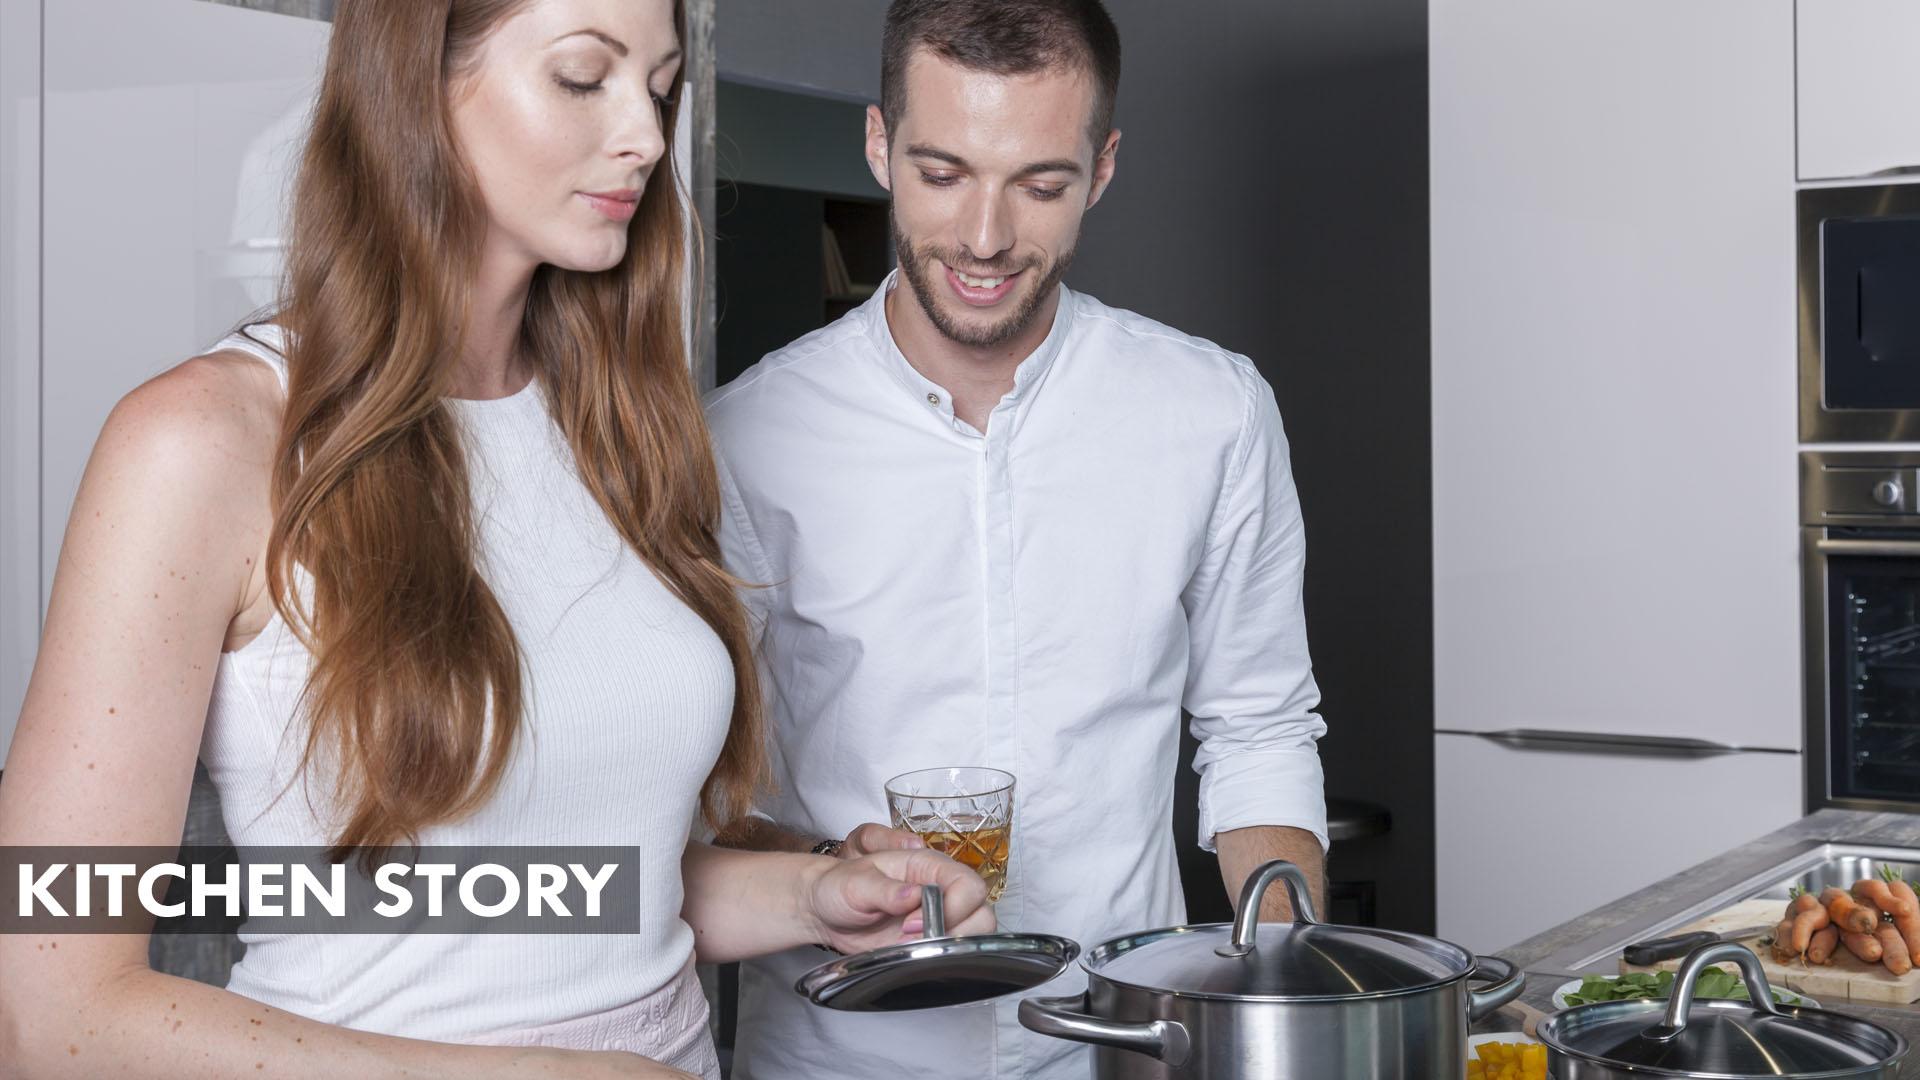 Mladý manželský pár vaří společně v nové designové kuchyni. Během casting brno se seznámili.